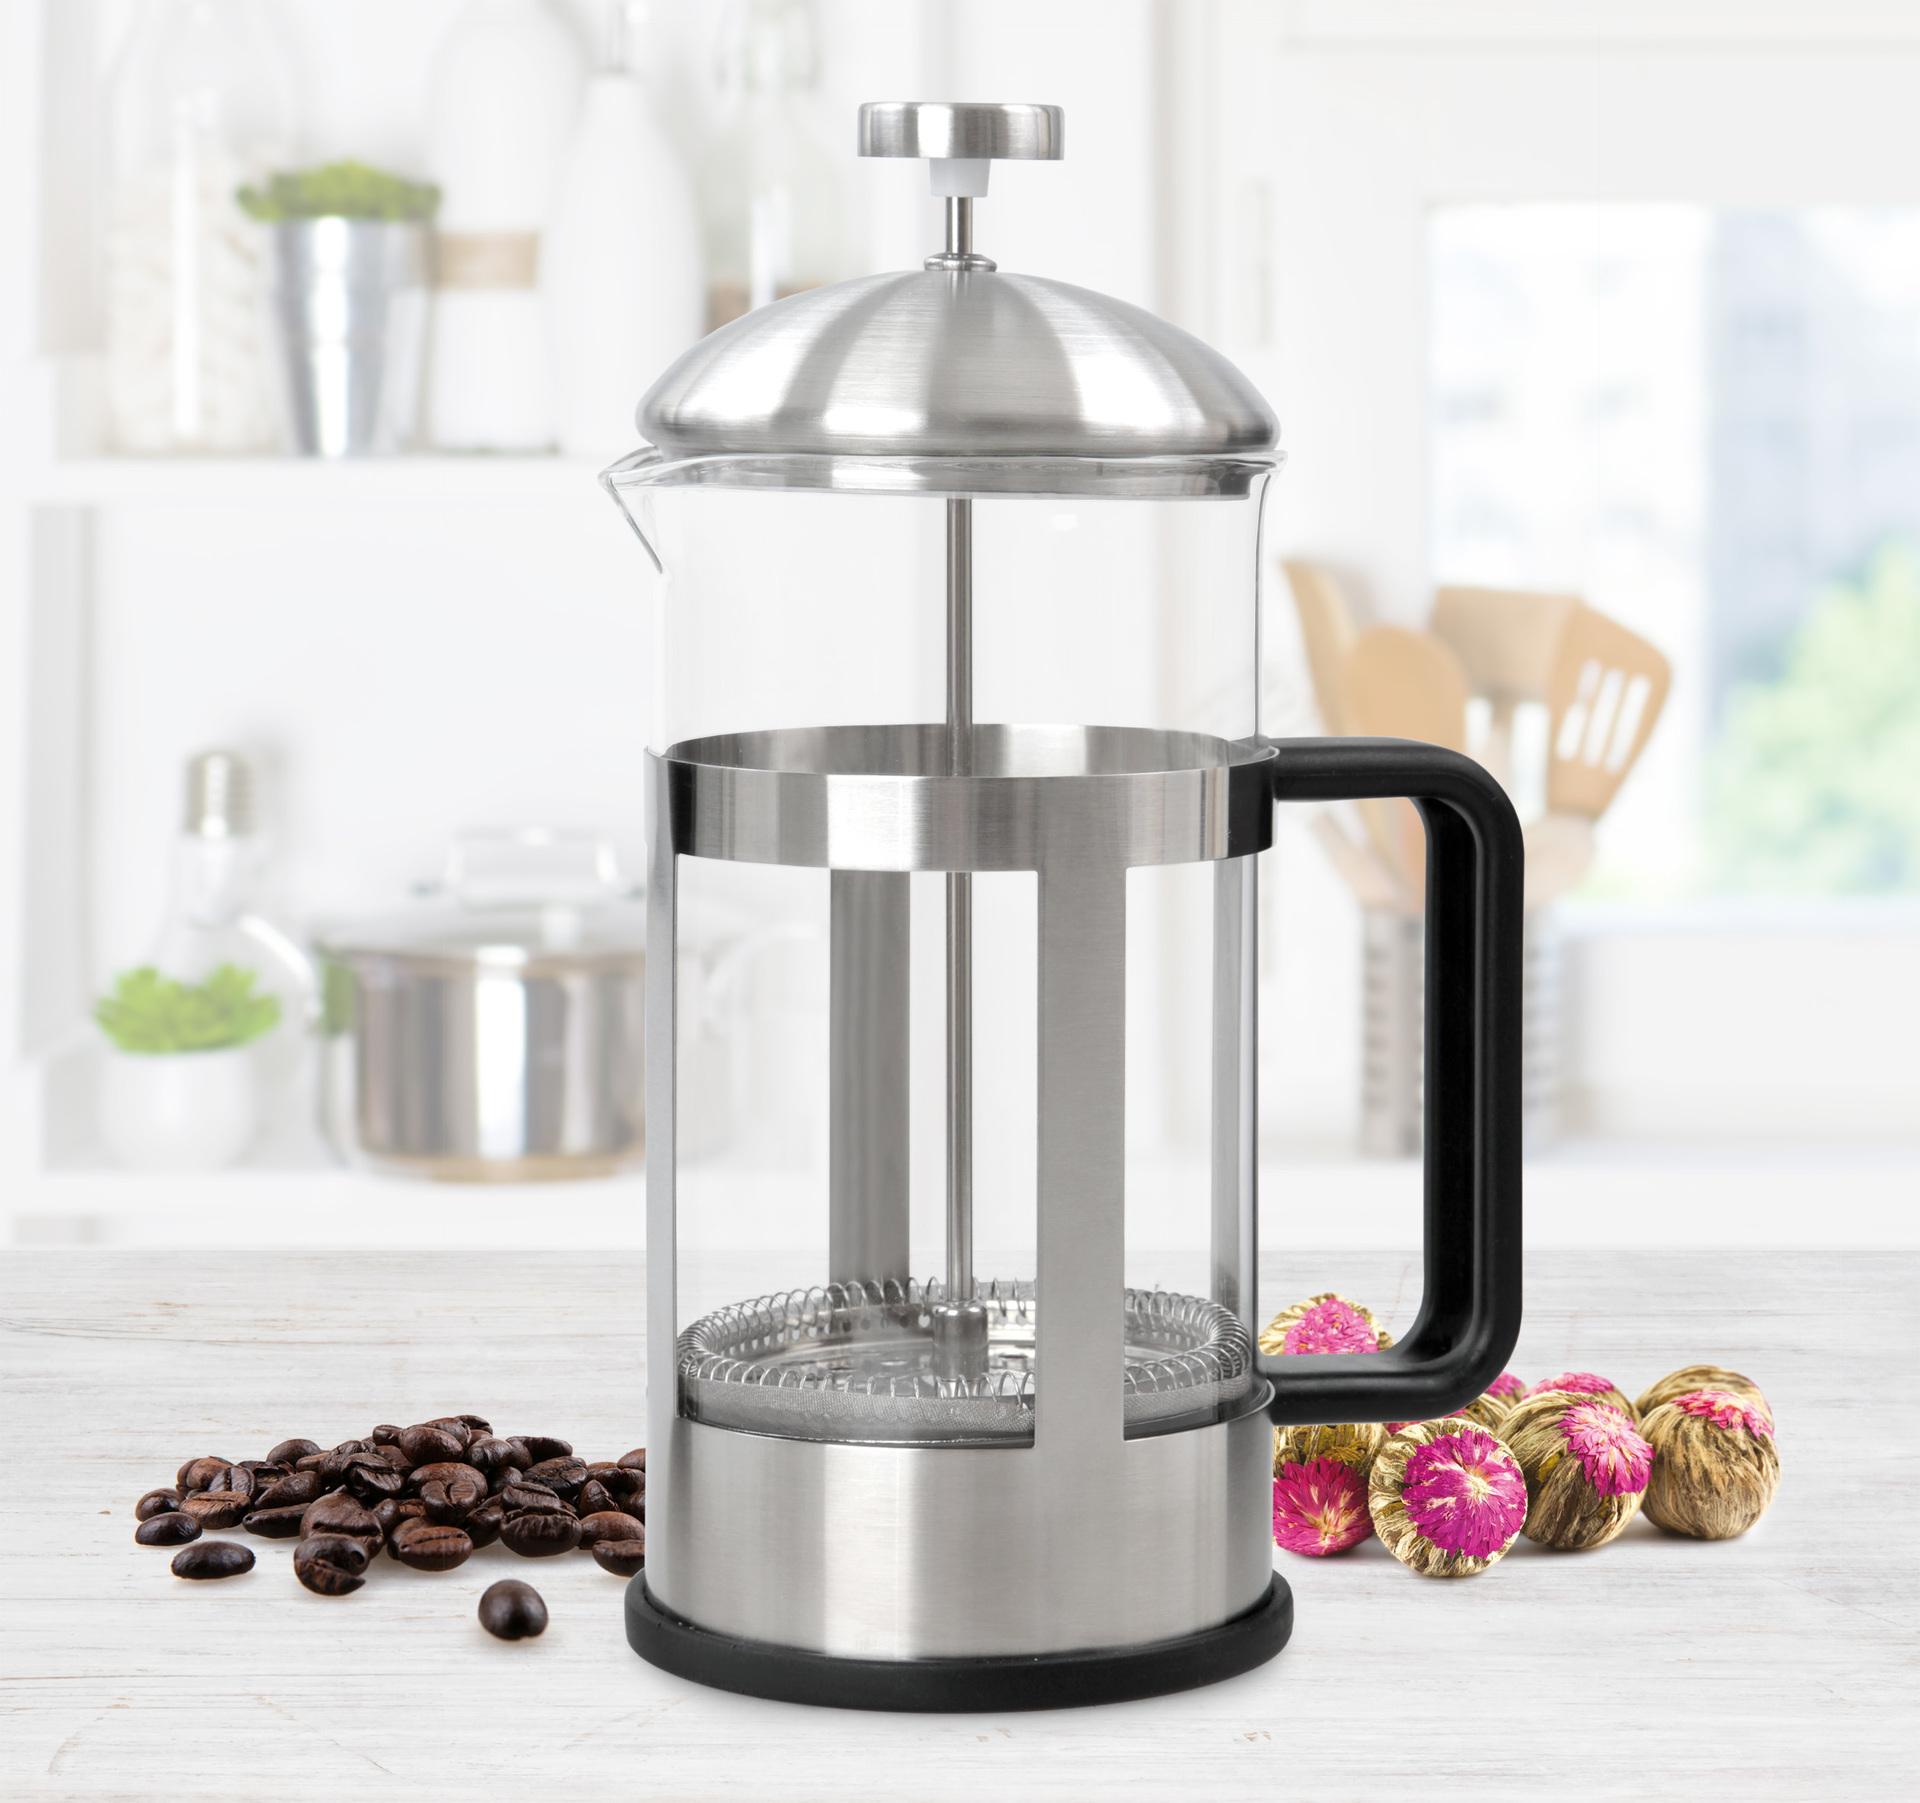 XL FRENCH PRESS konvice na čaj a kávu nerez